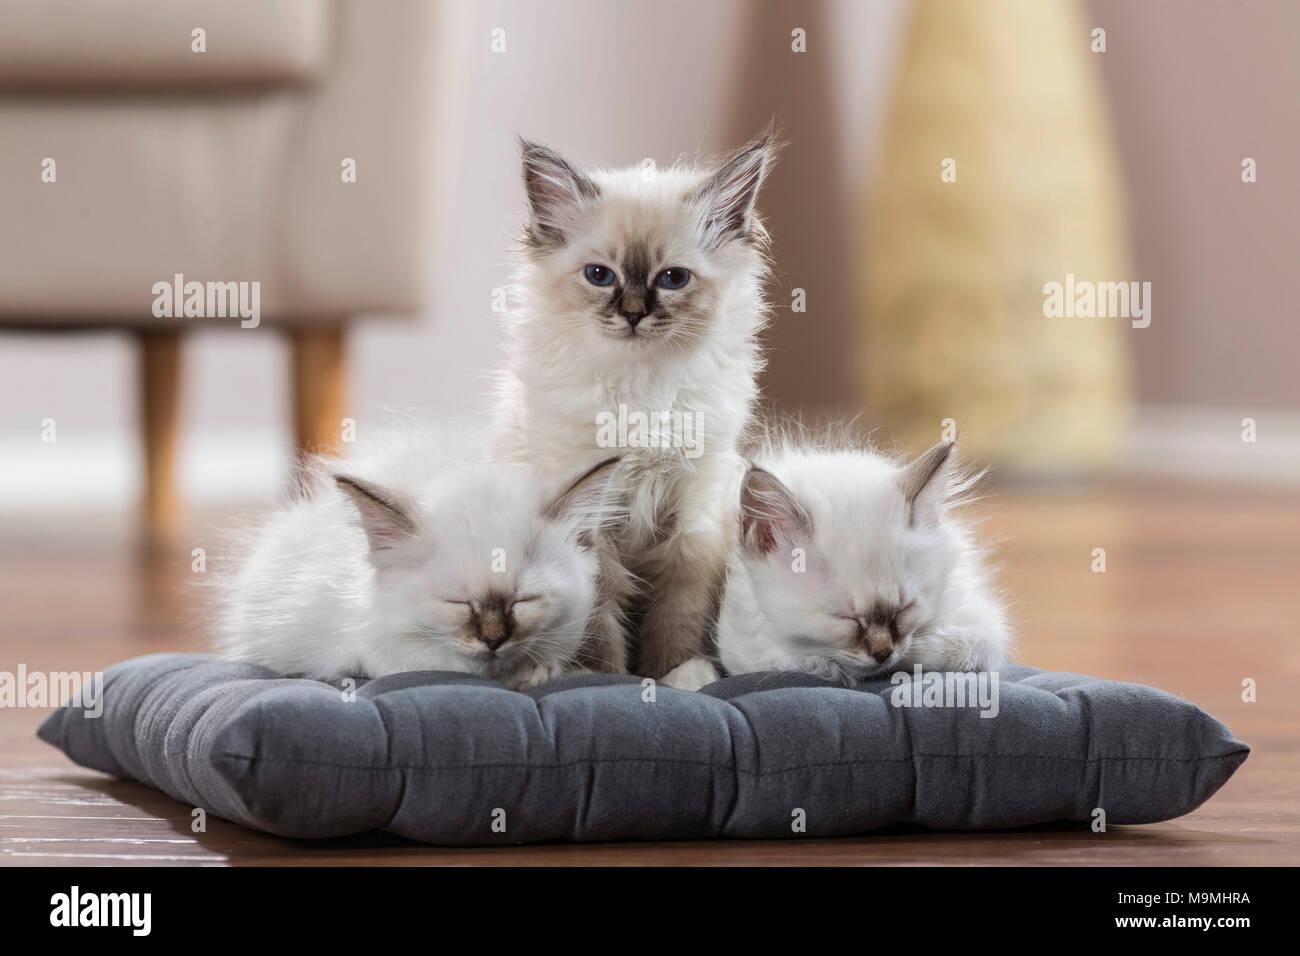 Gatto sacri di birmania. Tre gattini su un cuscino, due di loro a dormire. Germania Immagini Stock